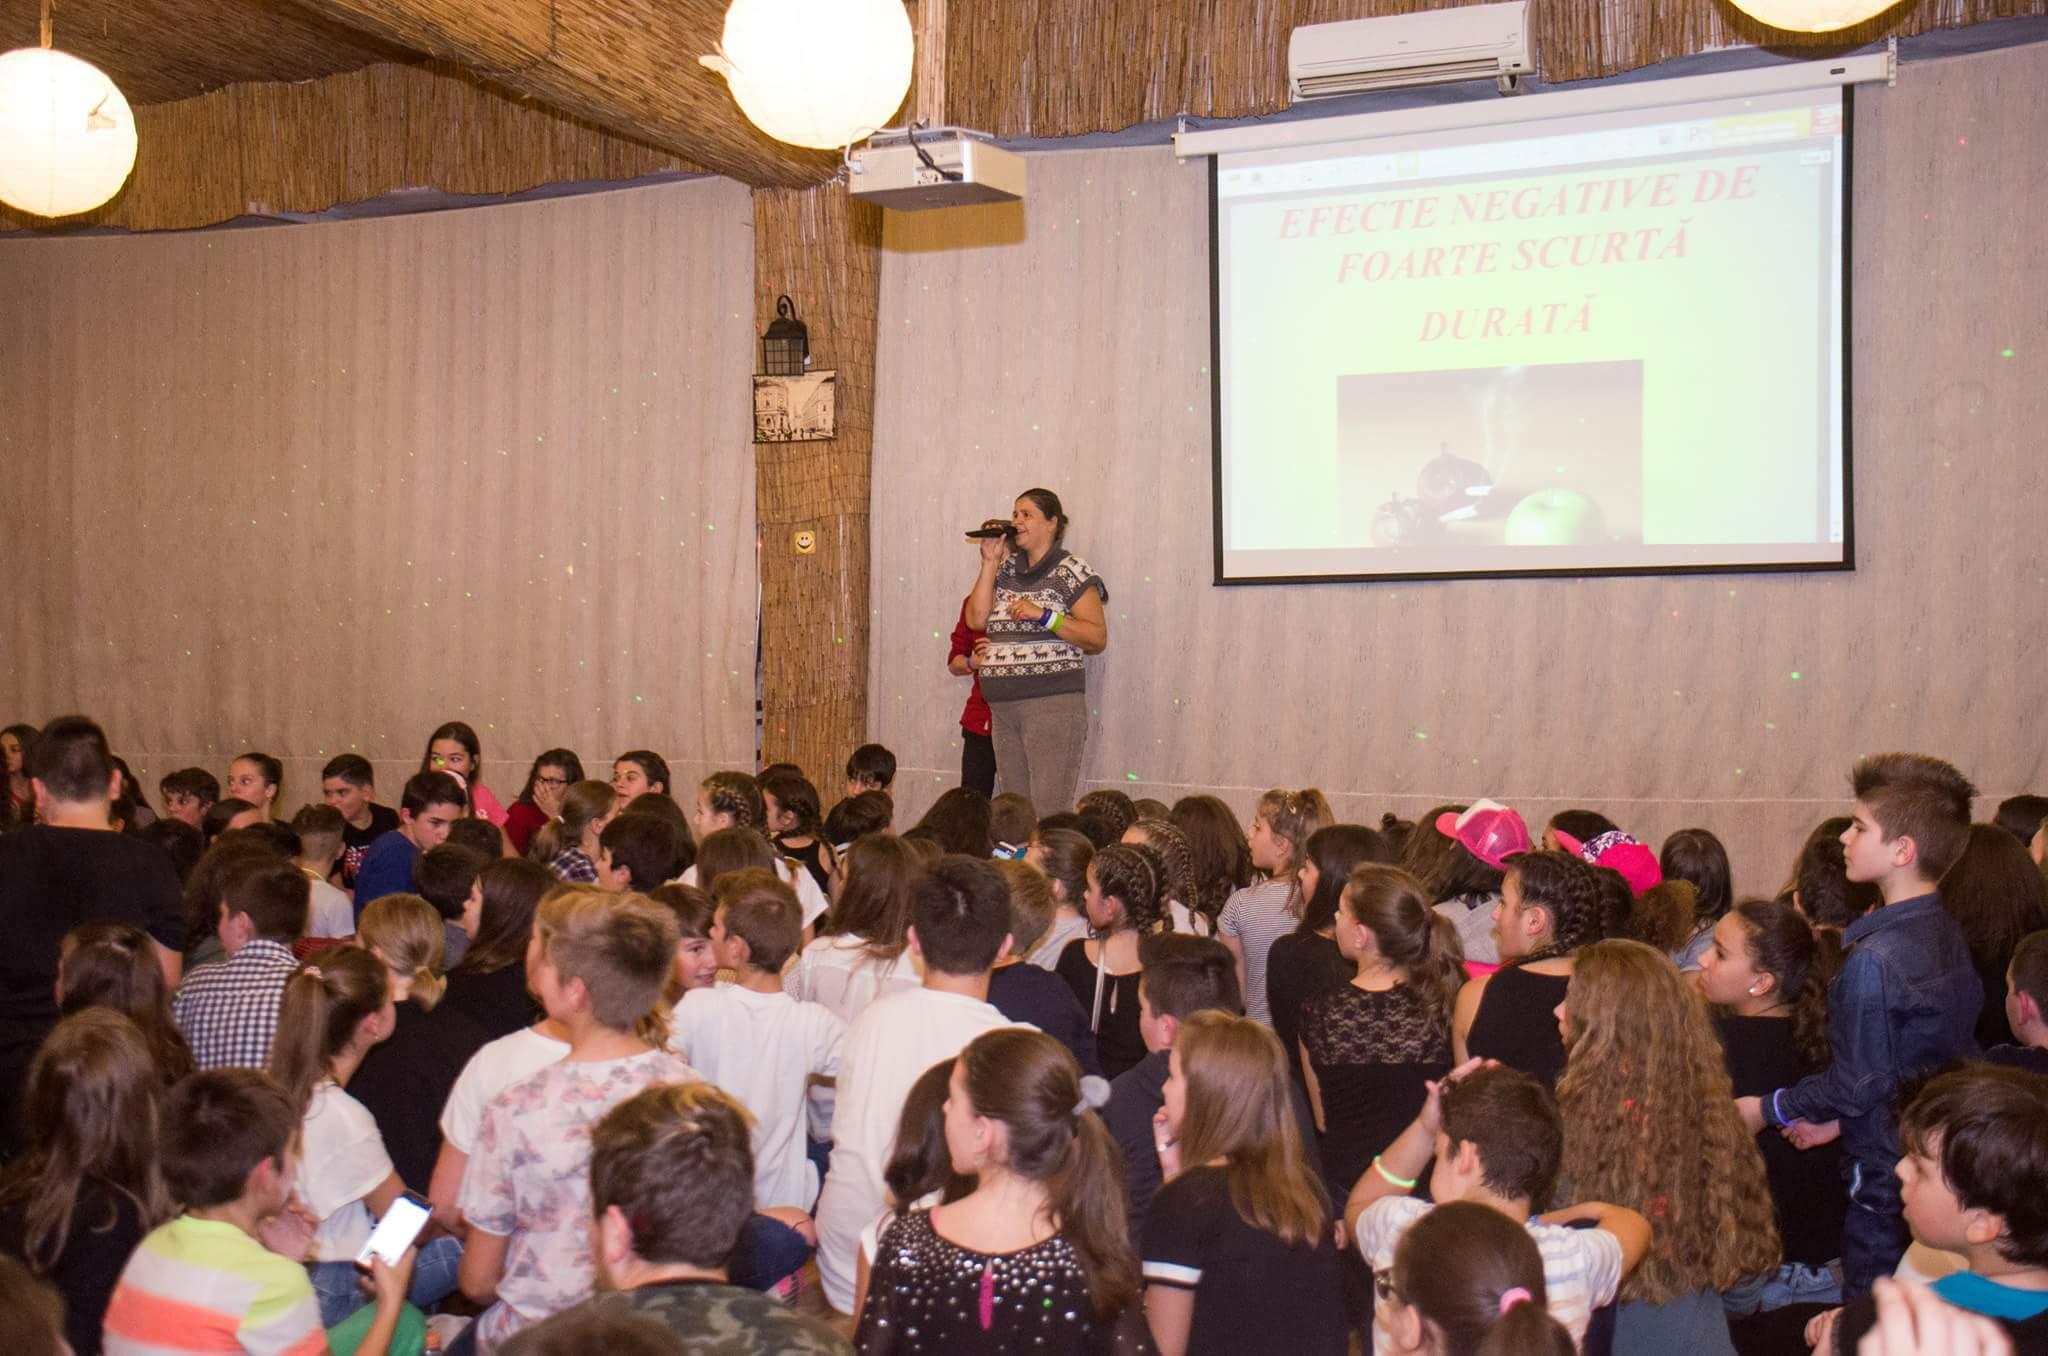 DISTRACȚIE FĂRĂ FUMAT ȘI FĂRĂ VIOLENȚĂ ÎN PROGRAMUL EDUCAȚIONAL  LOGA DANCE SCHOOL